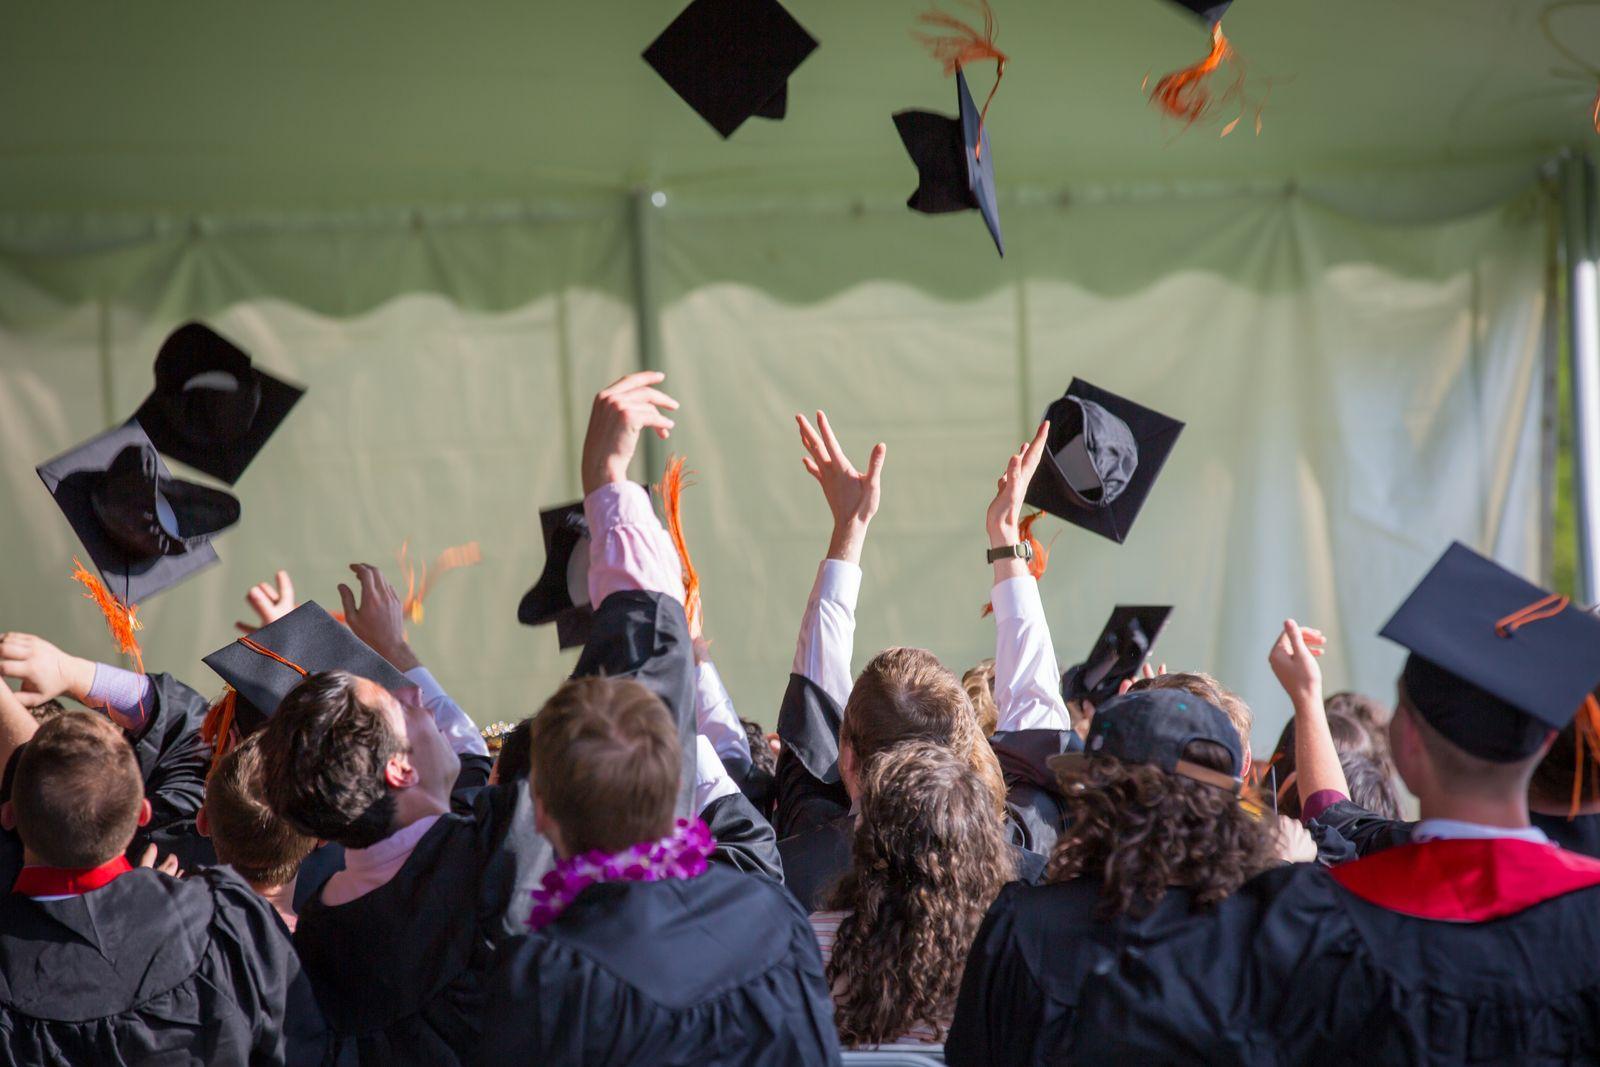 الجامعات الحكومية في الإمارات وما هي أفضل الجامعات للدراسة في الإمارات